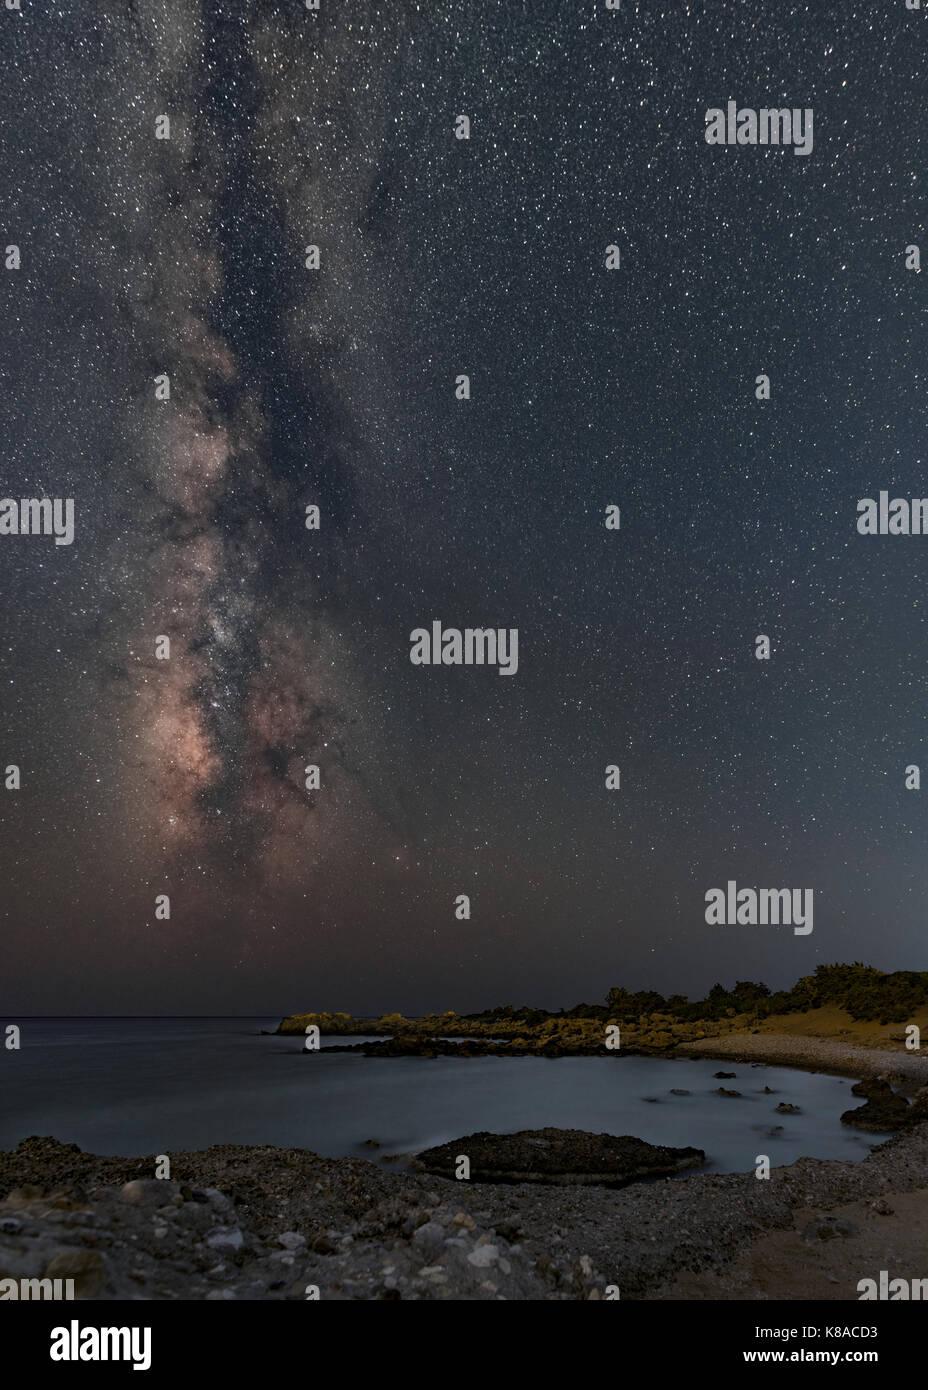 Cielo notturno con via lattea impostazione per il Mar Libico Foto Stock